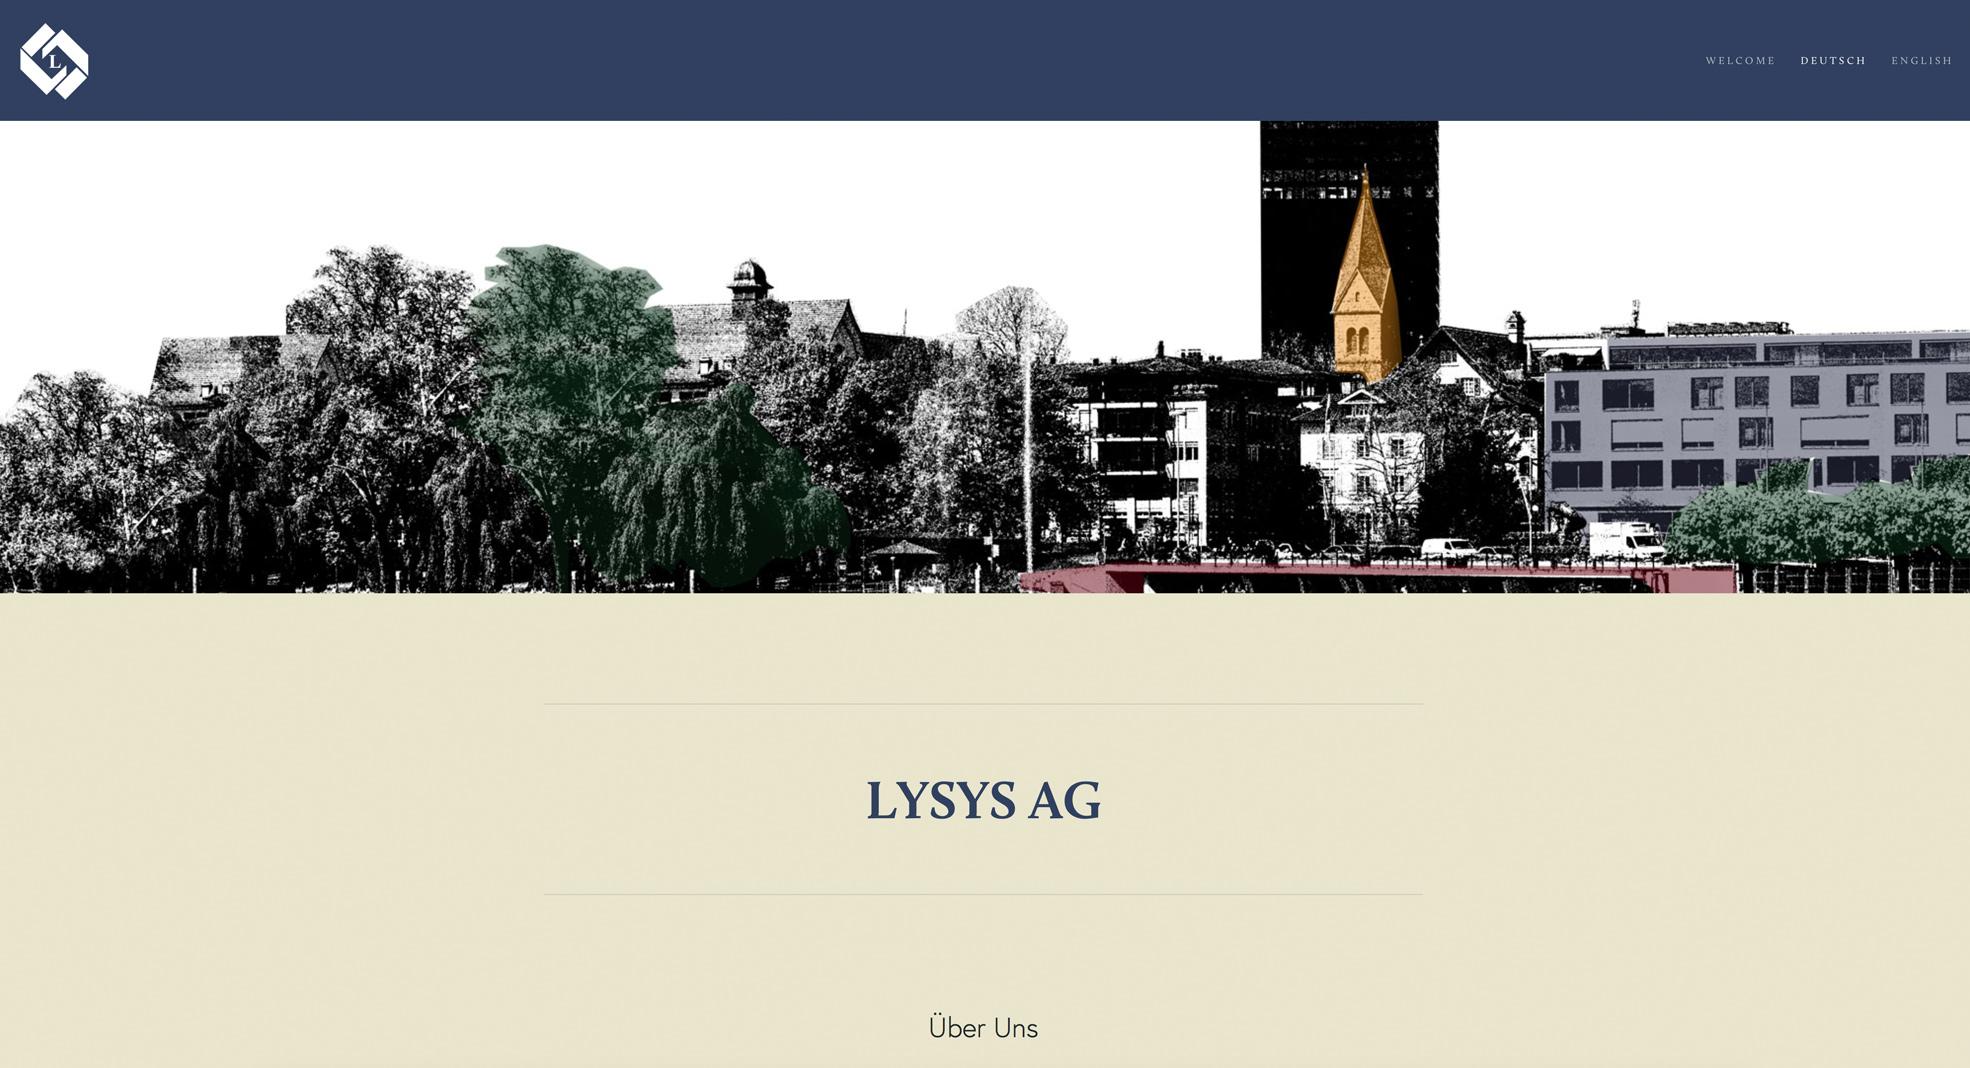 lysys8.jpg